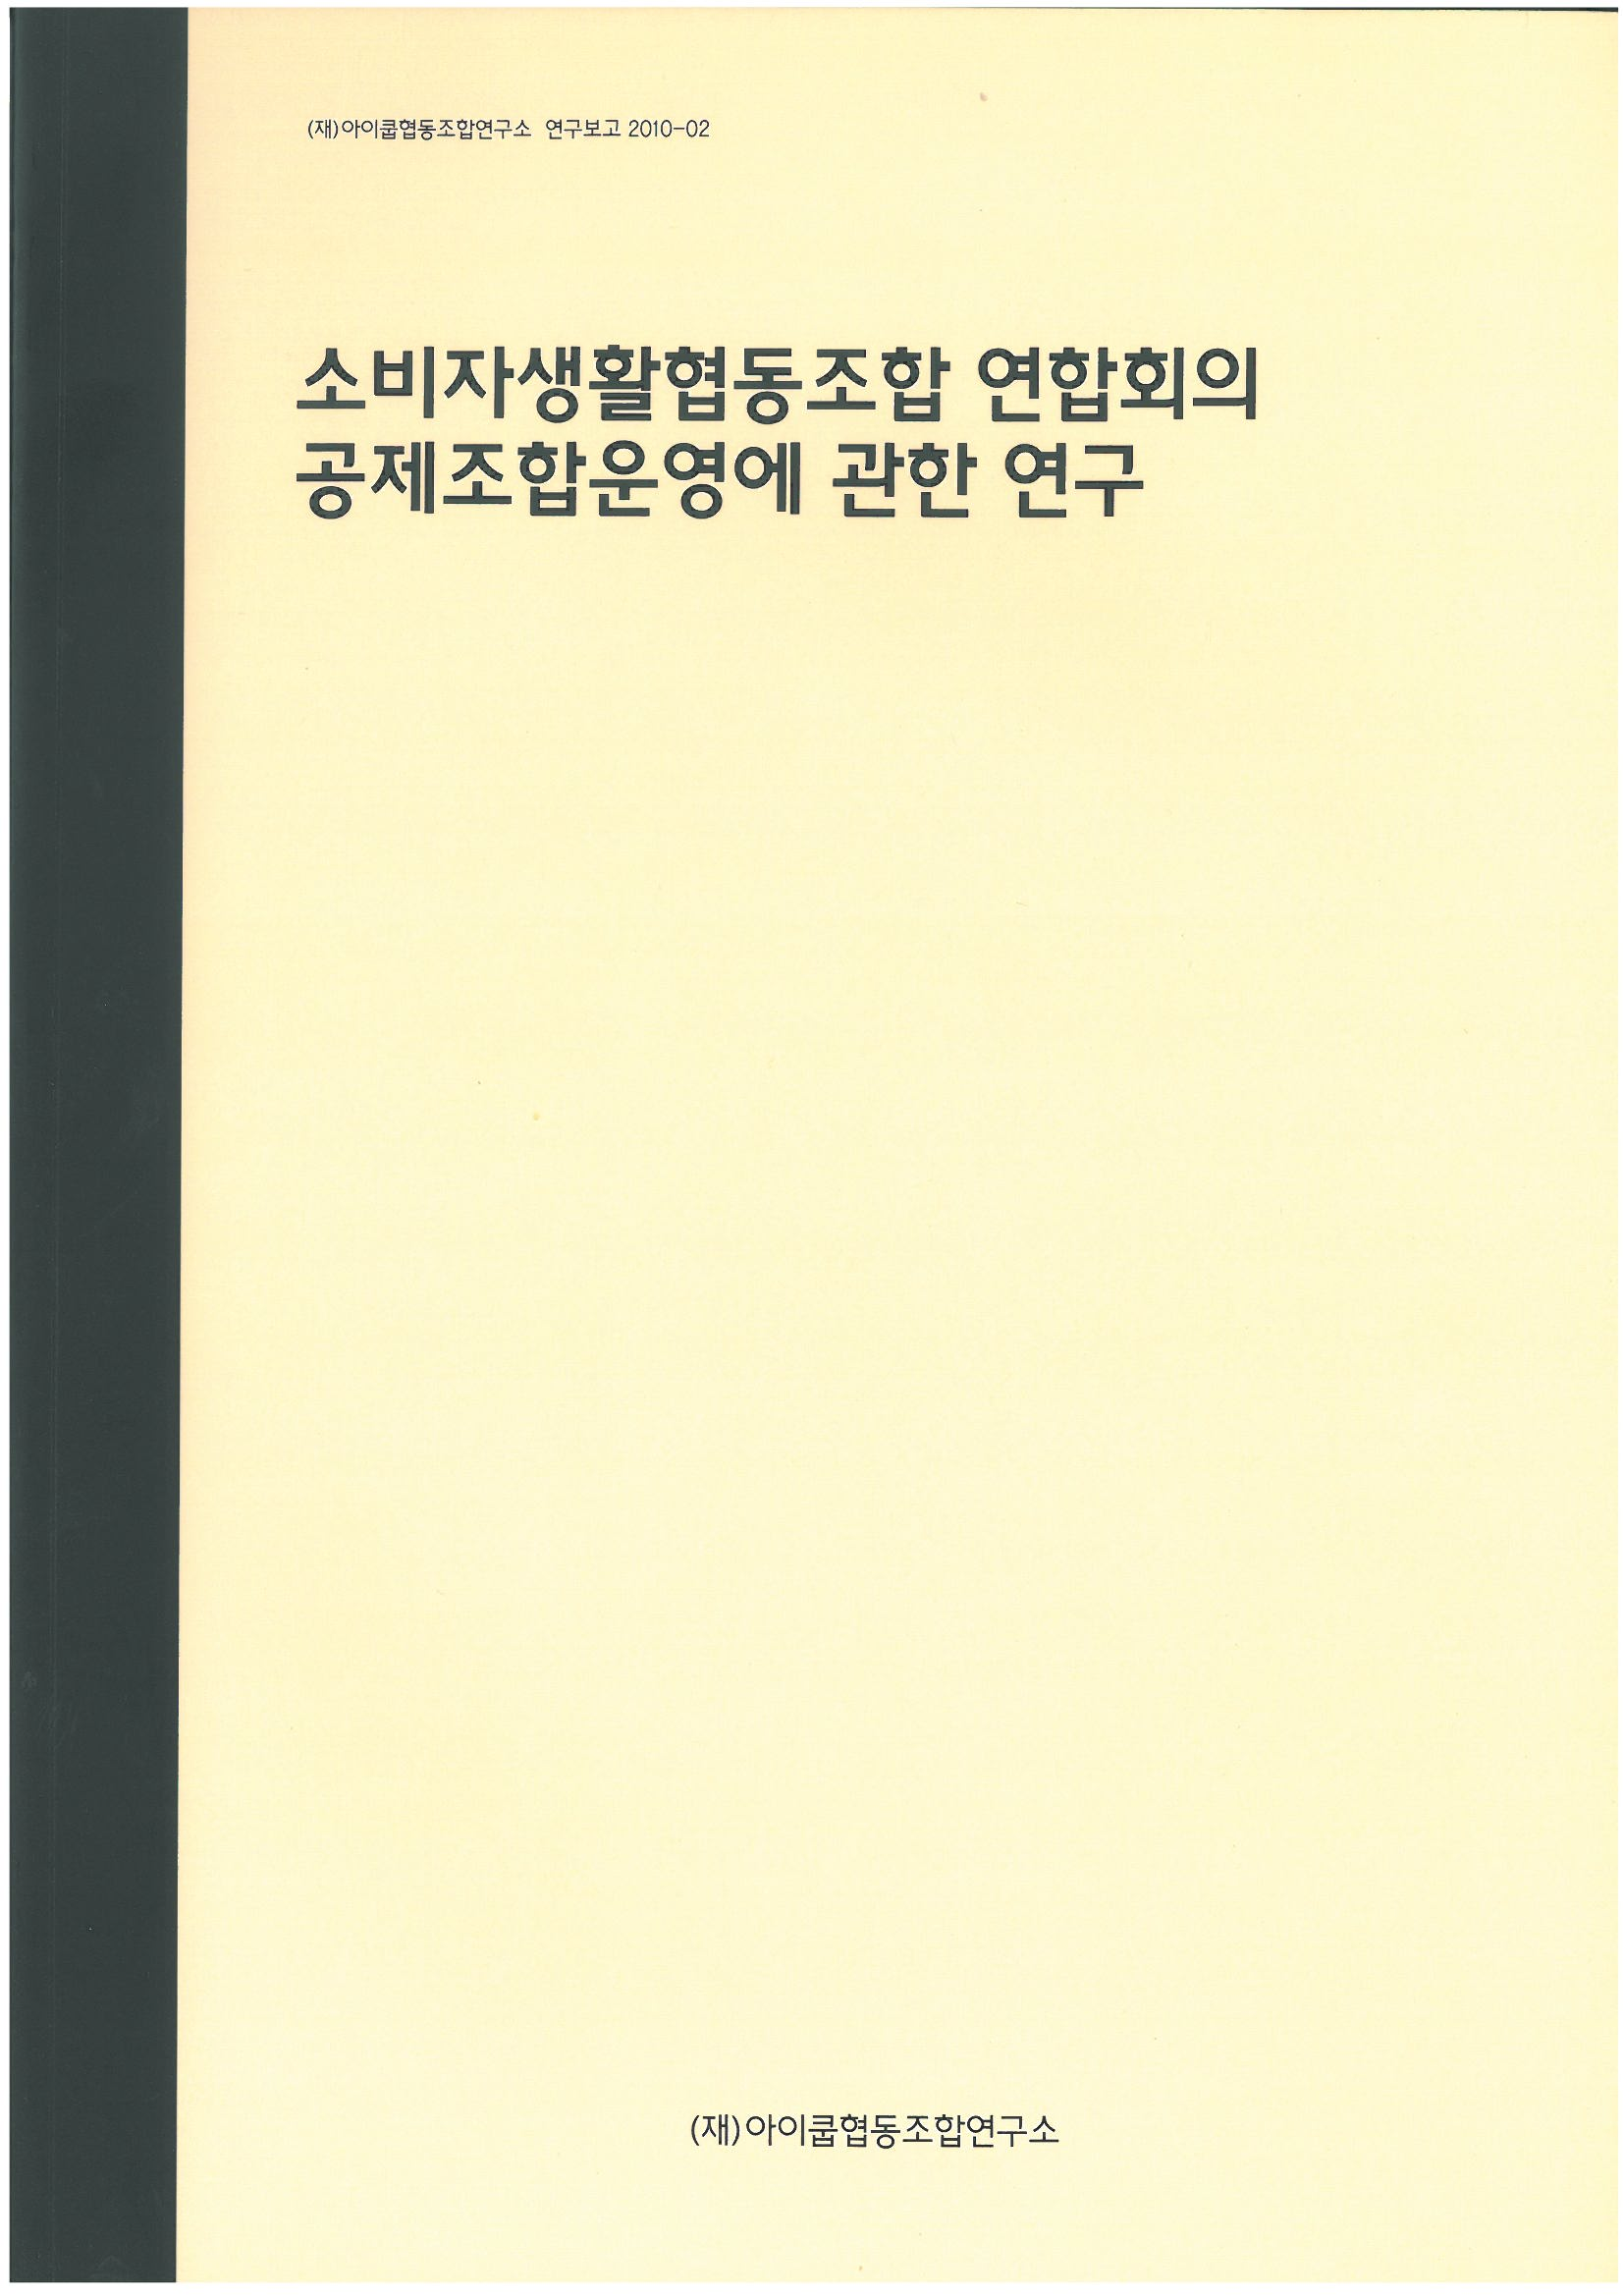 37_『소비자생활협동조합 연합회의 공제조합운영에 관한 연구』(장원봉_하승우_임동현).jpg